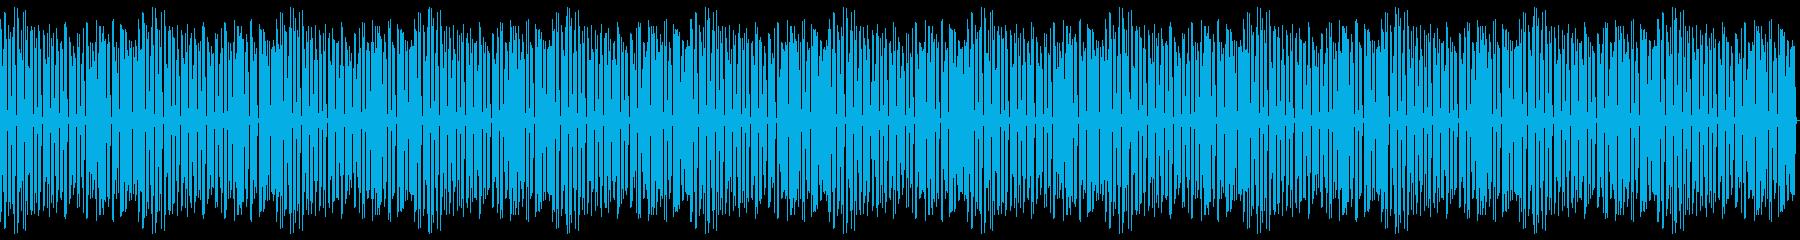 知育・赤ちゃん・パズル・日常ピアノ45Lの再生済みの波形